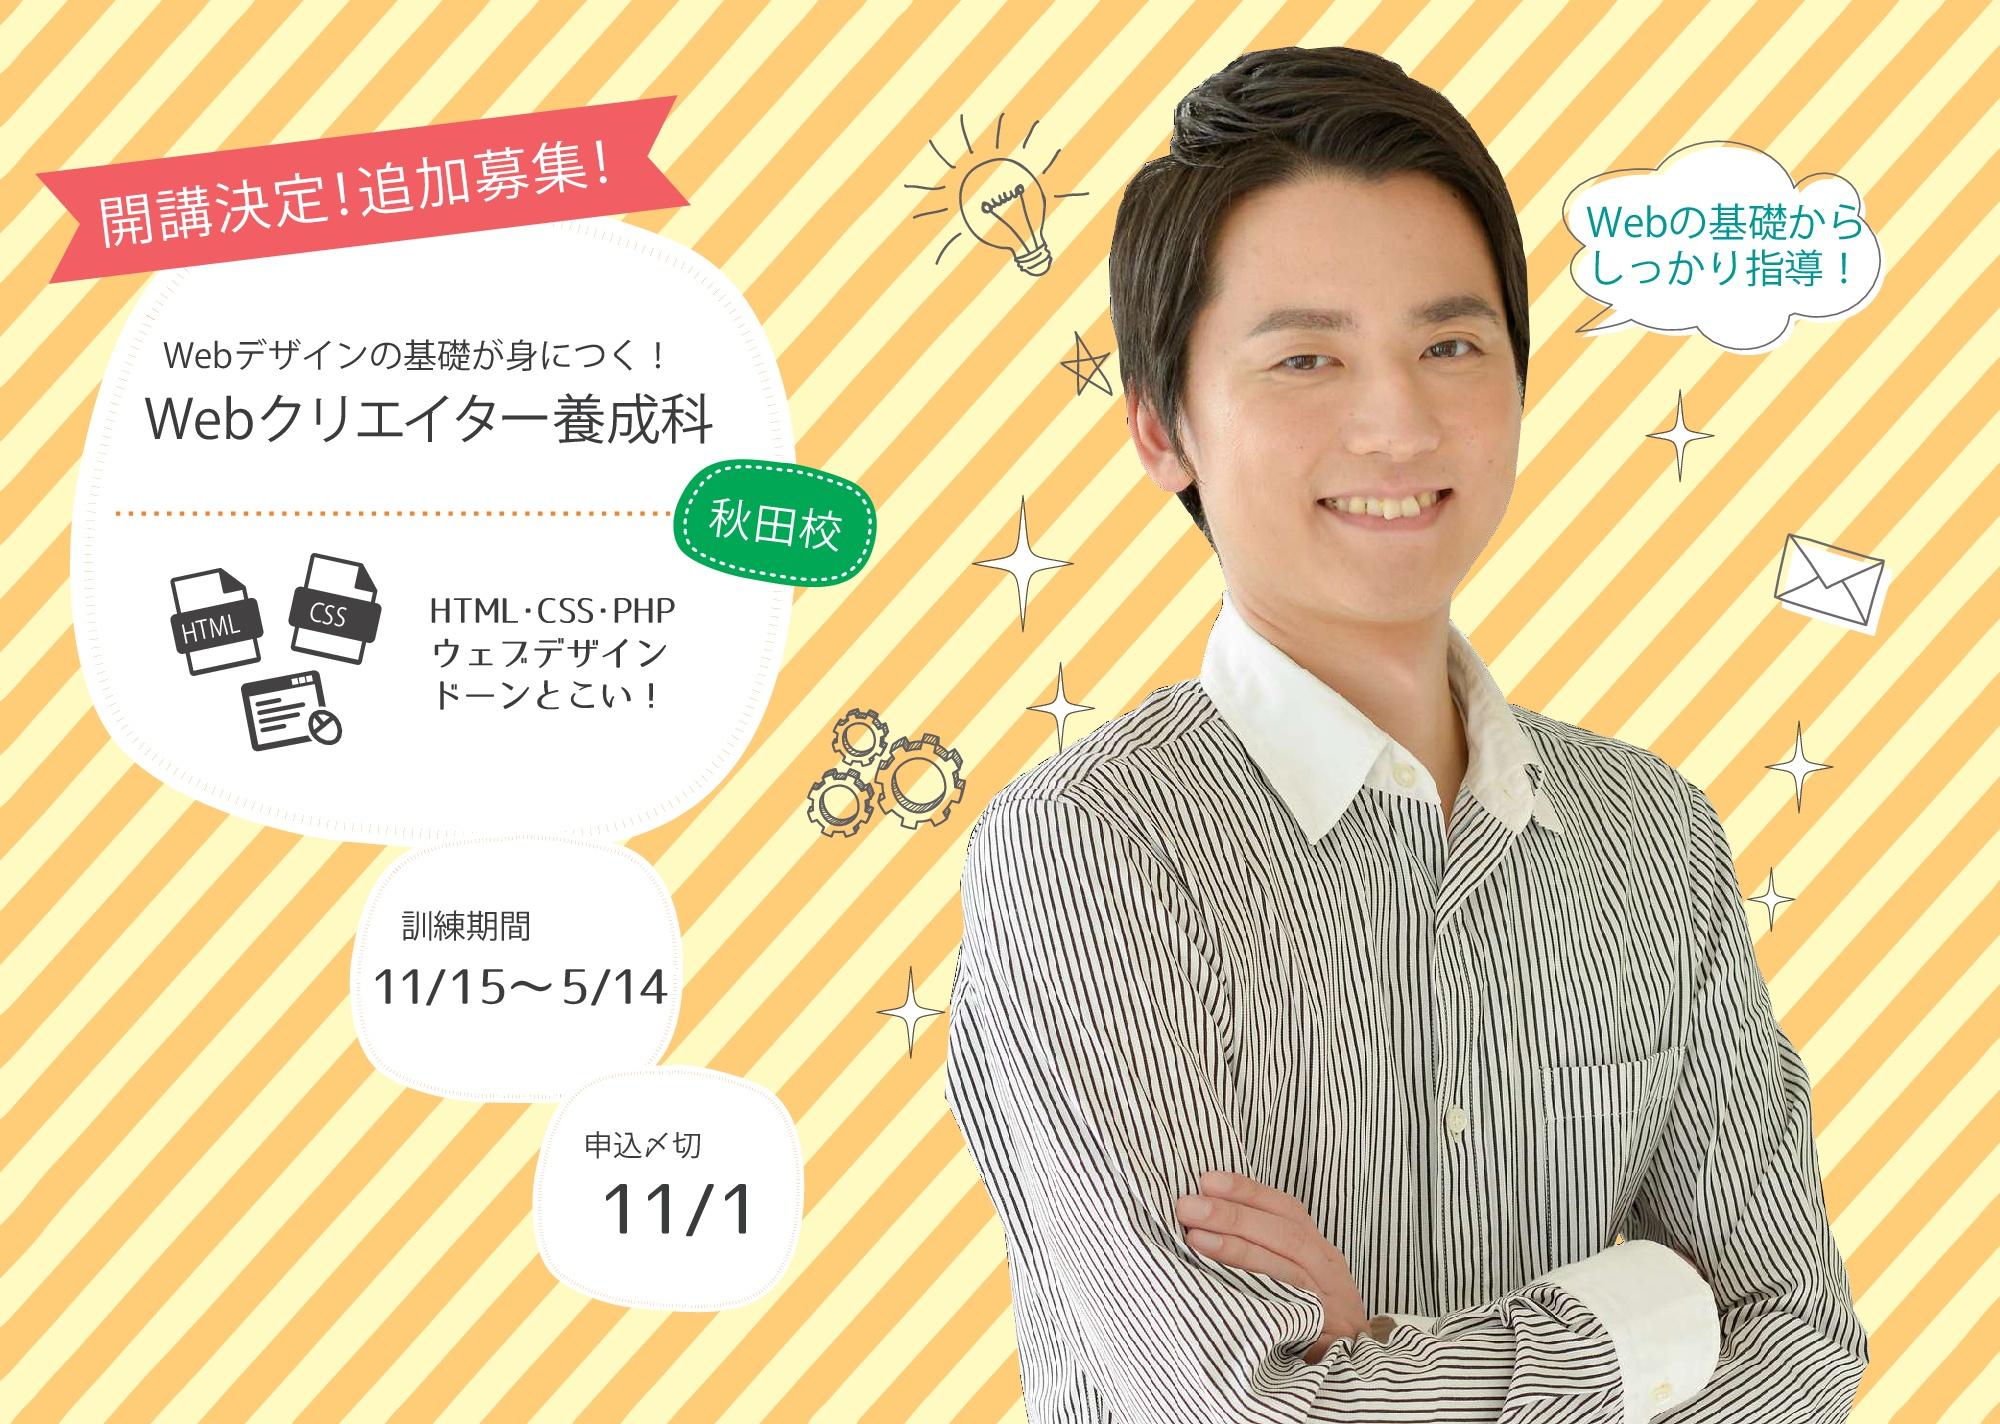 【秋田】Webクリエイター養成科